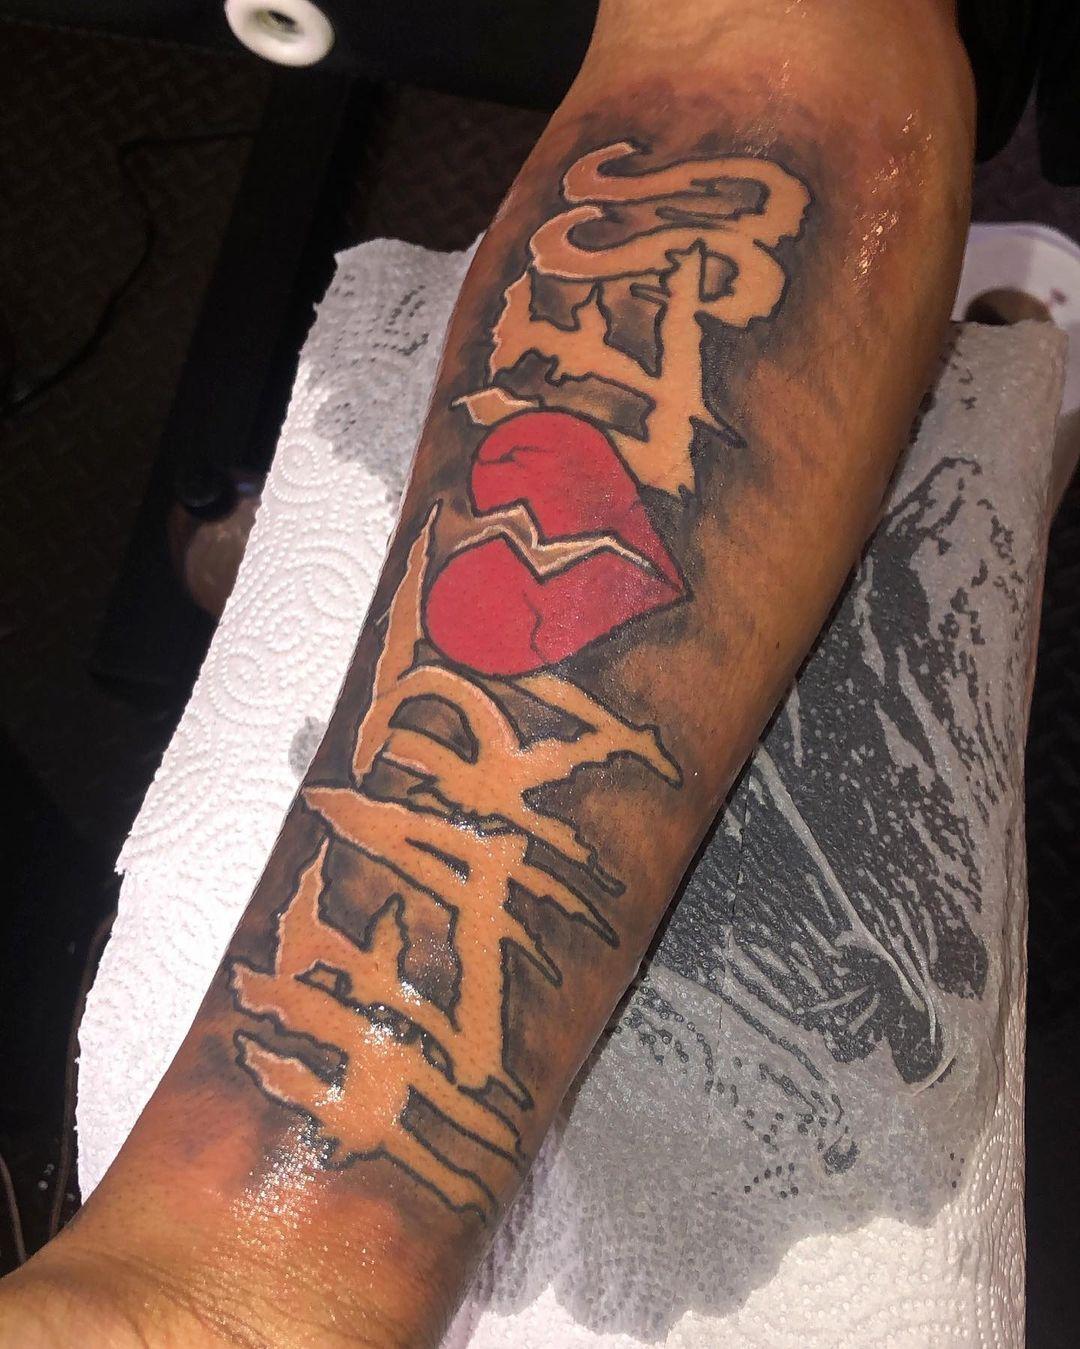 Heartless Tattoo Designs : heartless, tattoo, designs, HEARTLESS, Heartless, Tattoo,, Stylist, Tattoos,, Sleeve, Tattoo